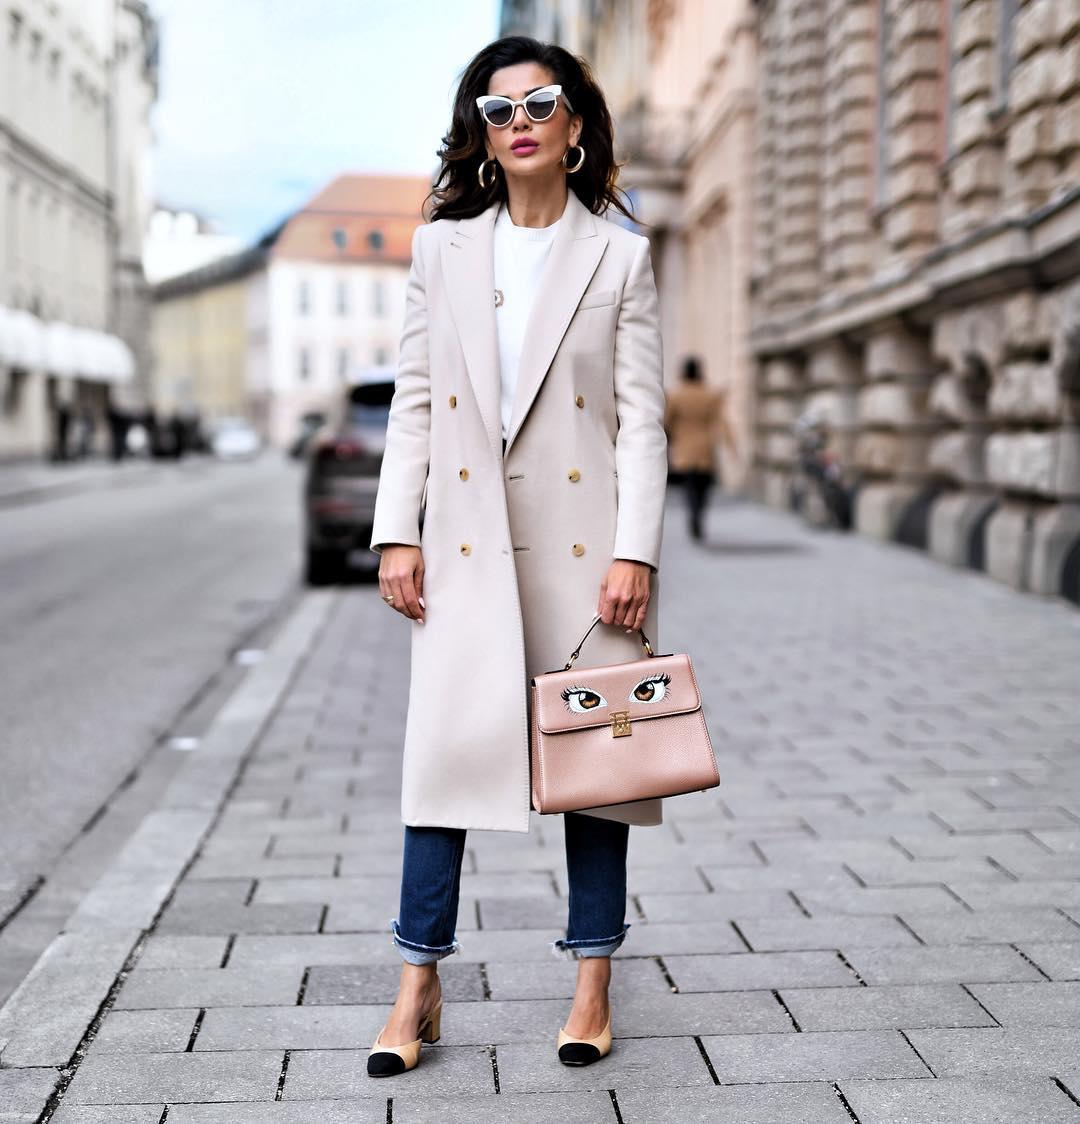 модные образы весна-лето 2019 для женщин после 40 фото_4